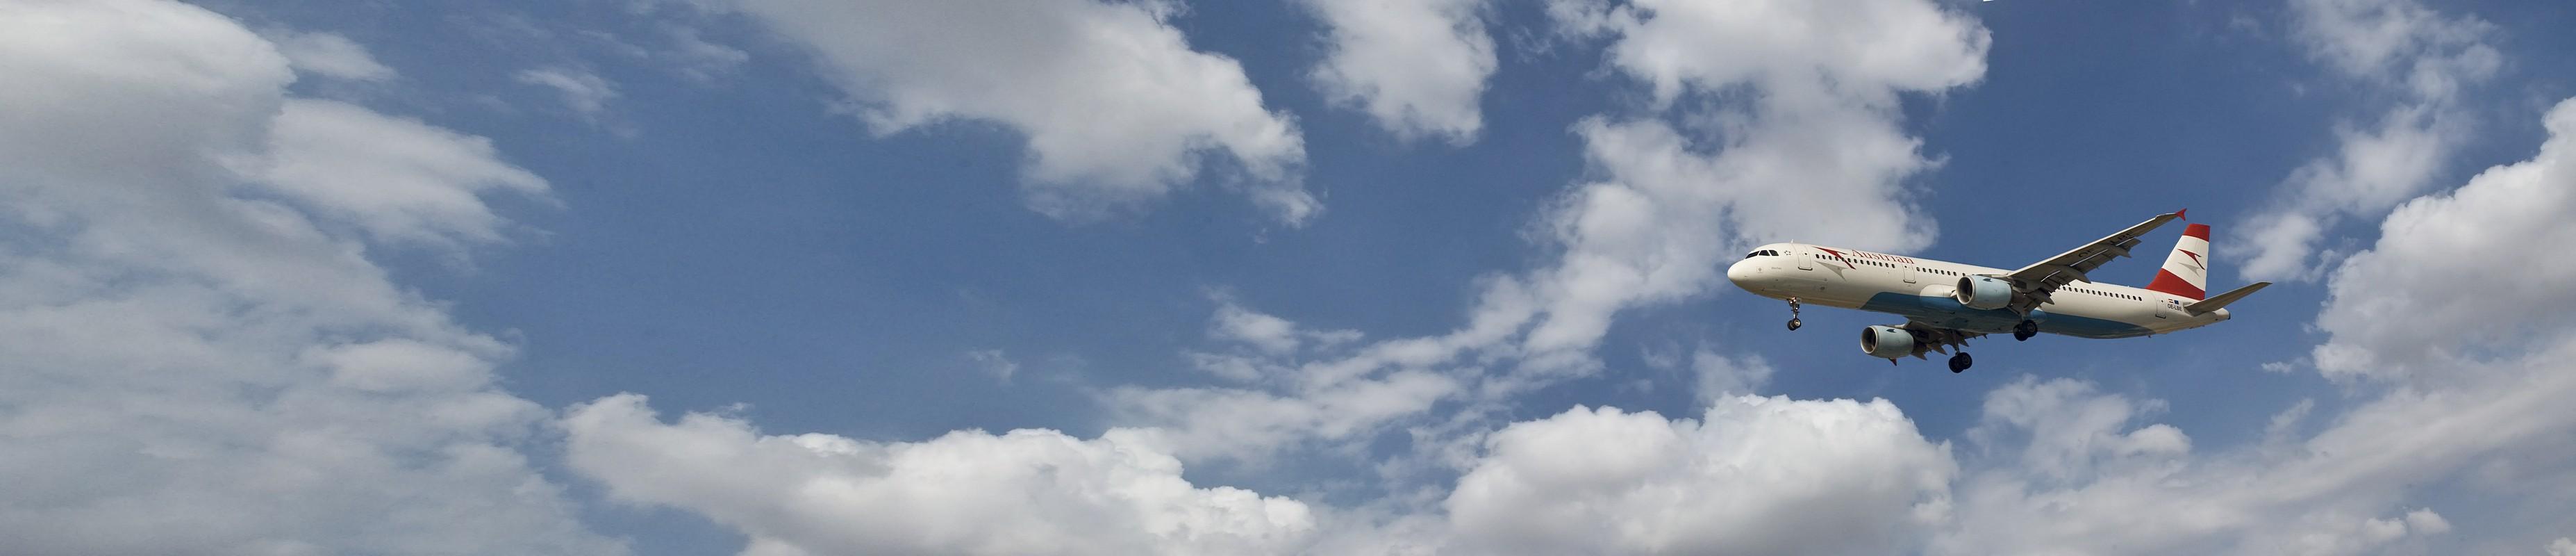 באוויר | שמיים עננים מטוס תעופה פנורמה